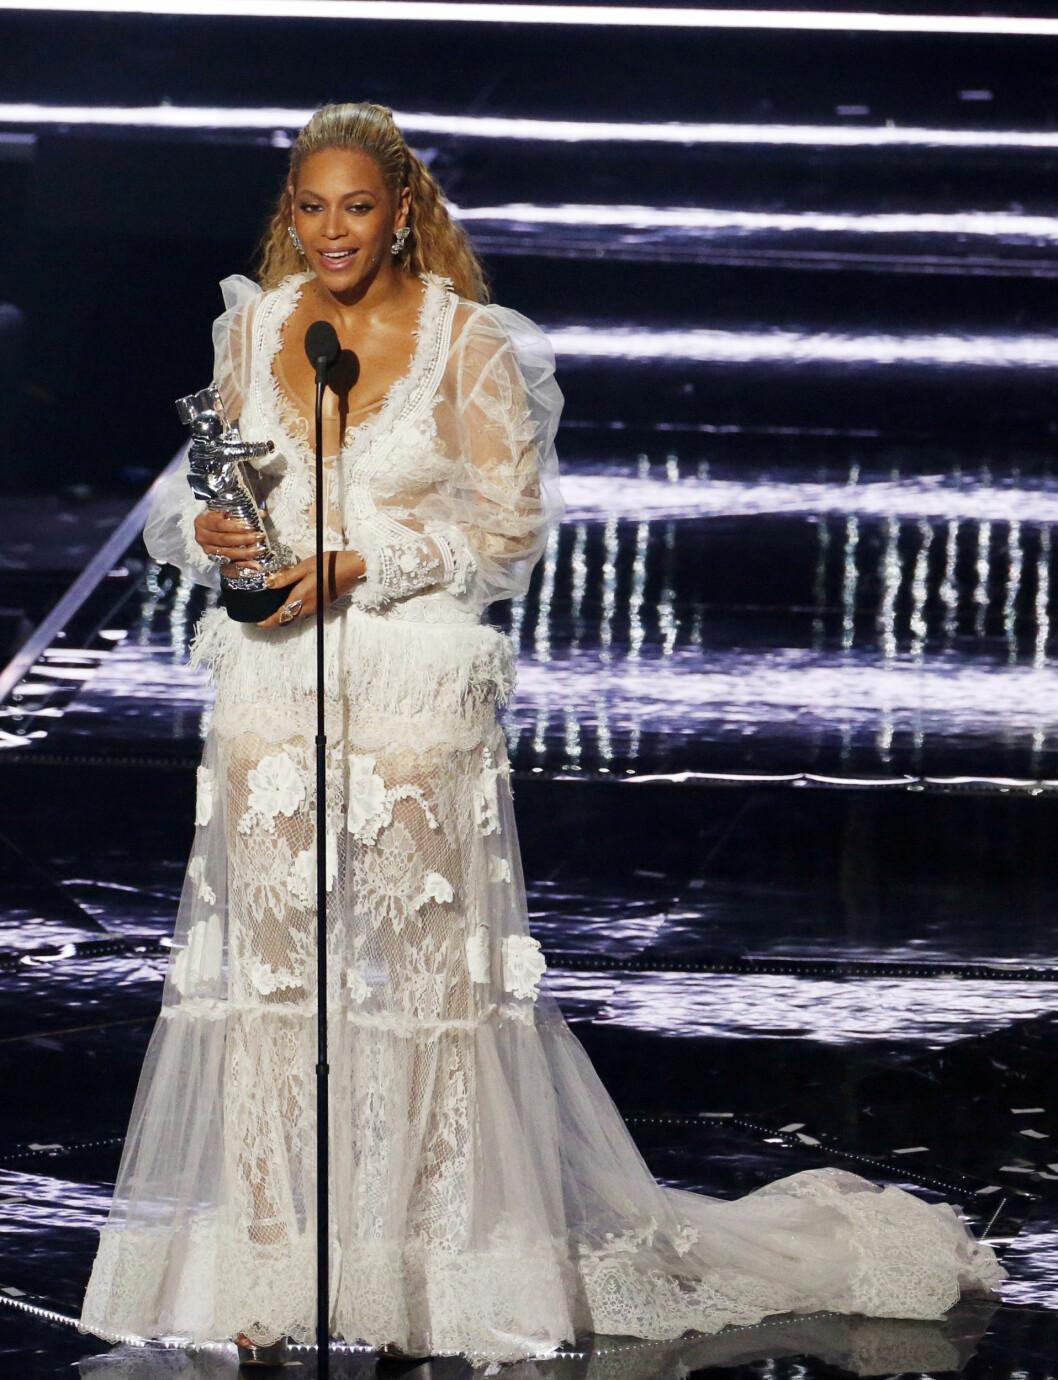 TOK STORESLEM: Under MTV Video Music Awards i New York 28. august, stakk Beyonce av med flere priser enn alle andre. Her takker hun for prisen «Video of the Year», som videoen «Formation» sikret henne. Foto: Reuters